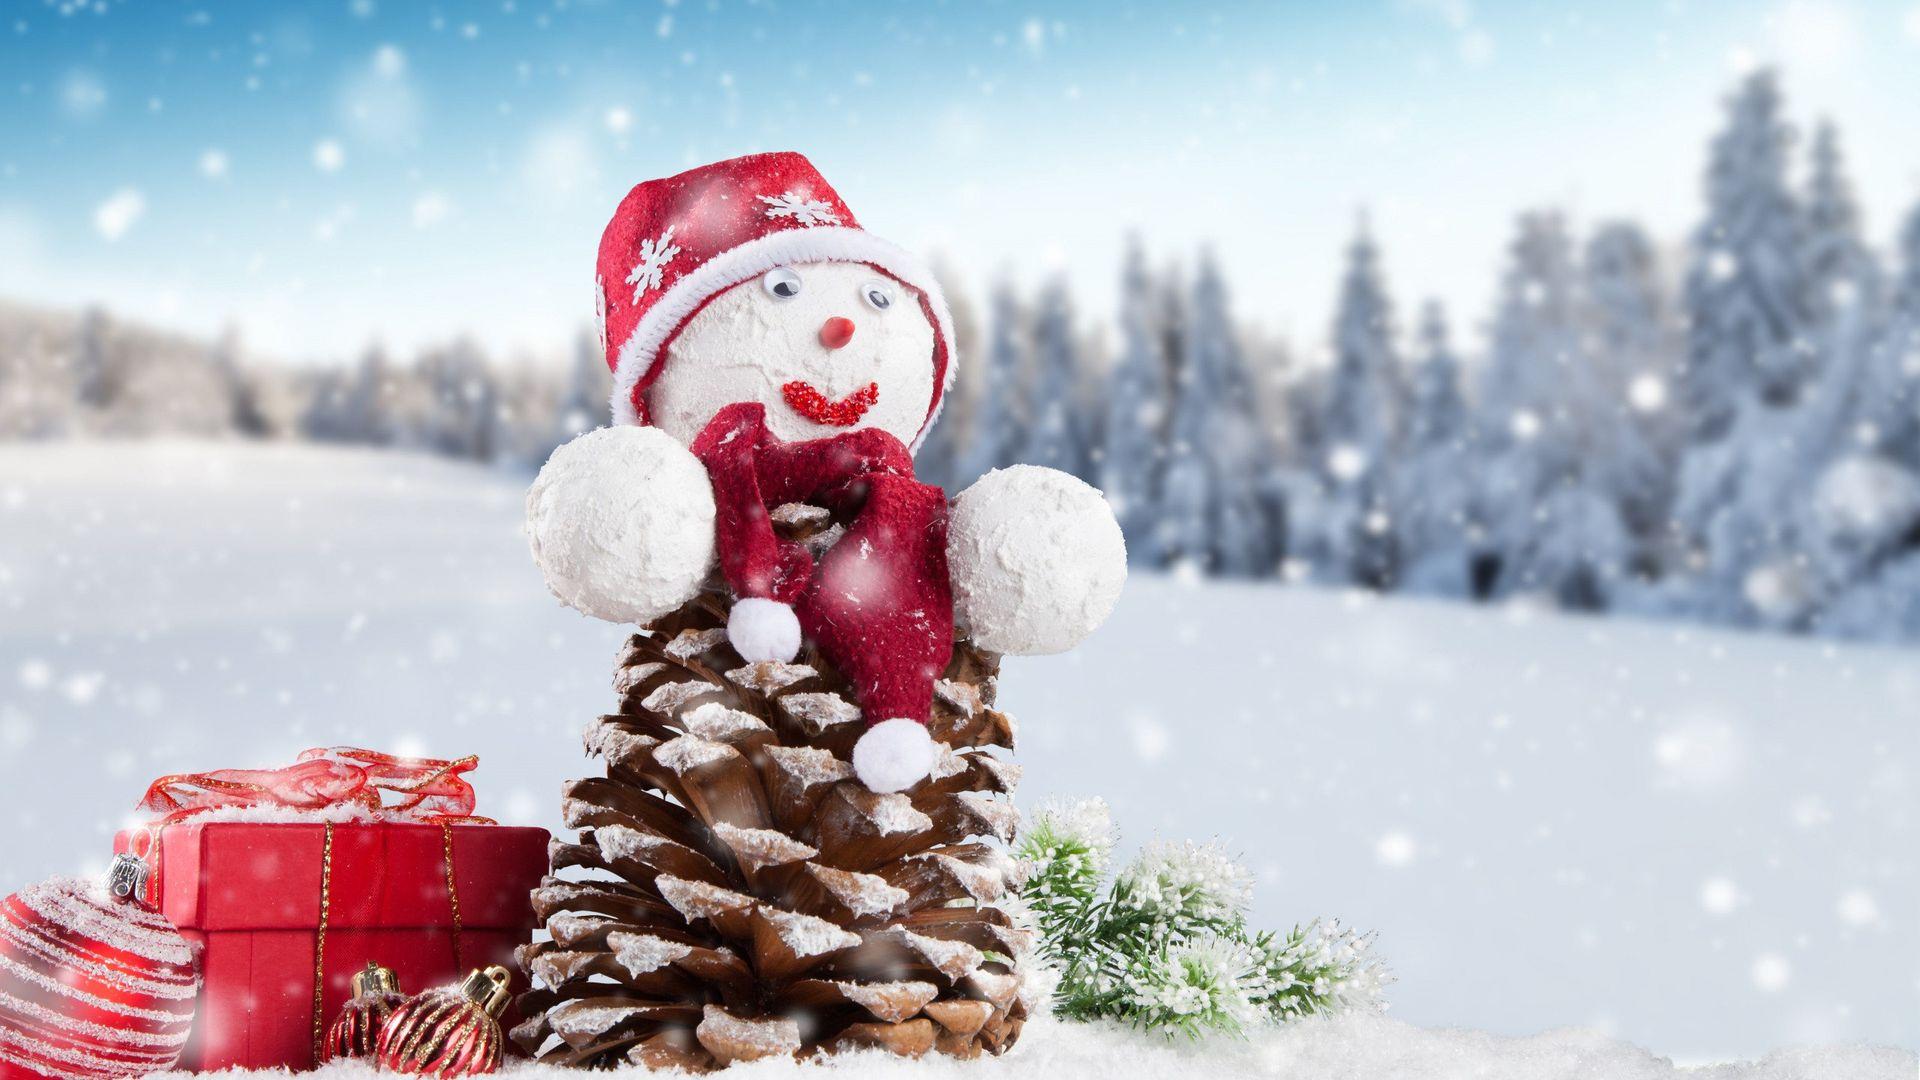 Лучшие обои для рабочего стола Новый год зима (5)